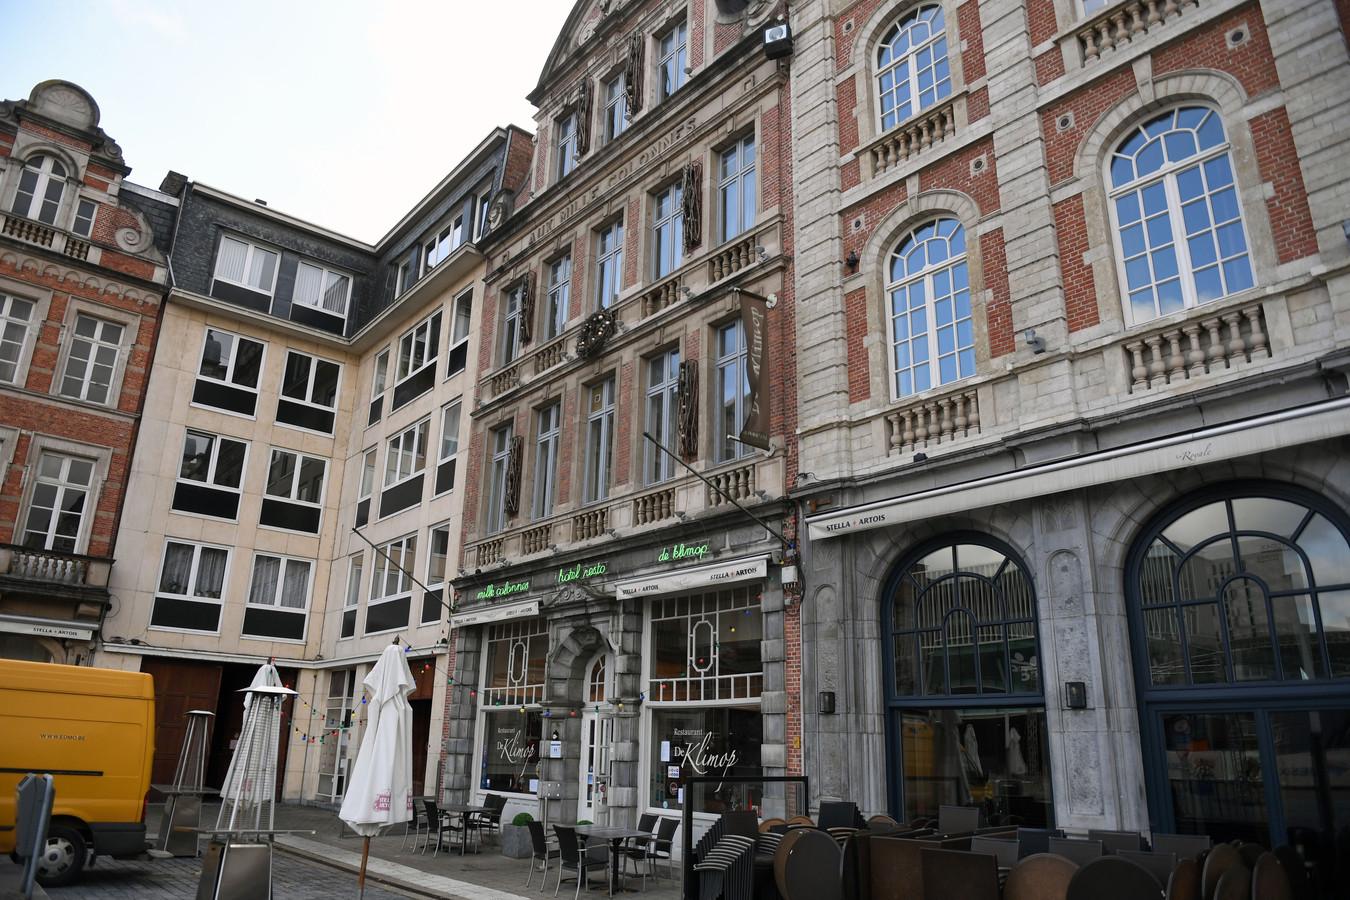 Ook in Leuven zijn er veel hotels waar klanten een overnachting boeken om alsnog een lekkere maaltijd in het restaurant mee te pikken. Een handig achterpoortje nu de restaurants verplicht gesloten moeten blijven de komende weken.